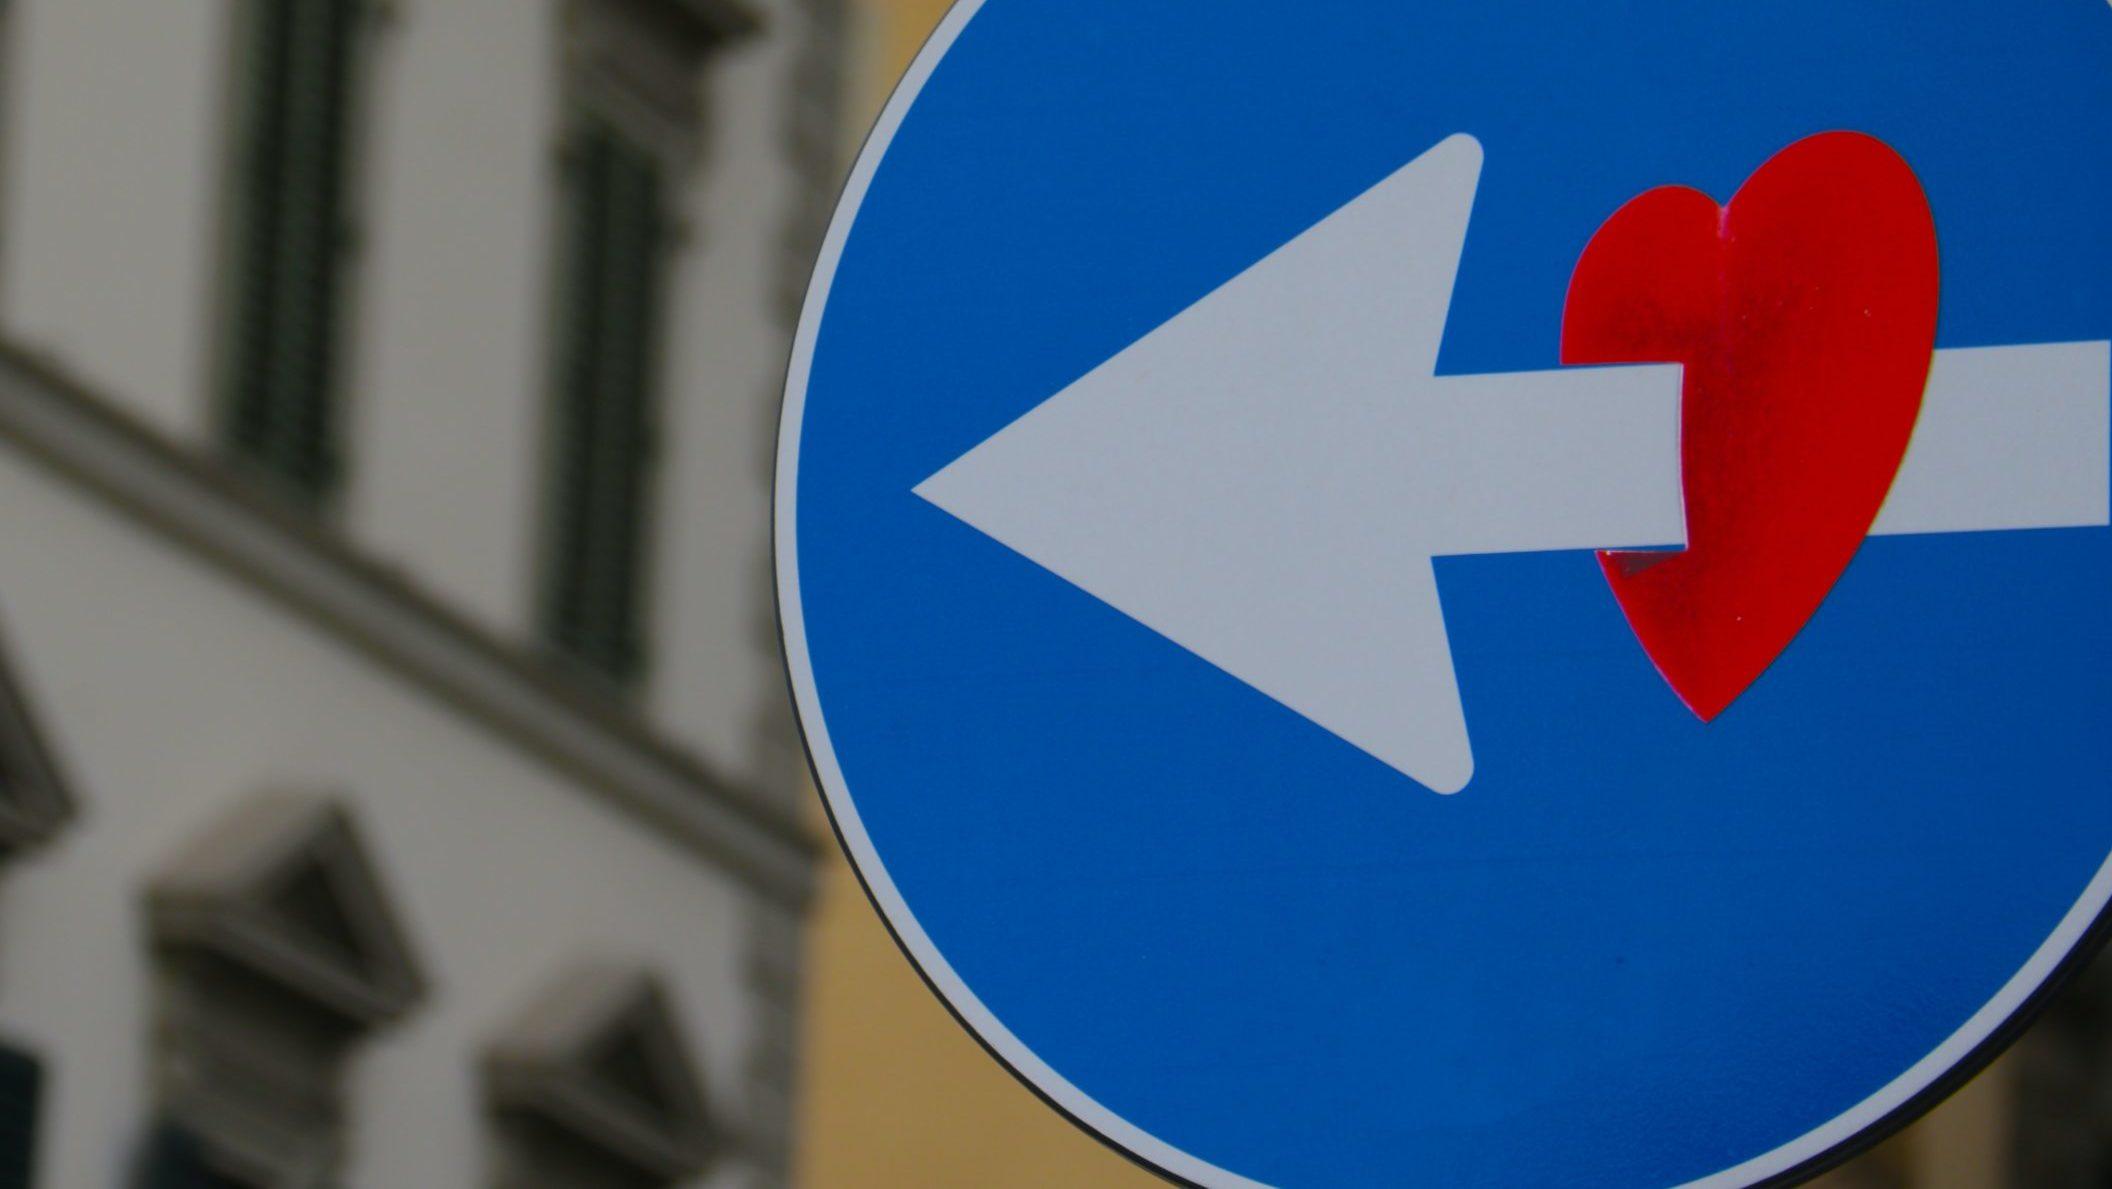 segnale stradale con adesivo cuore